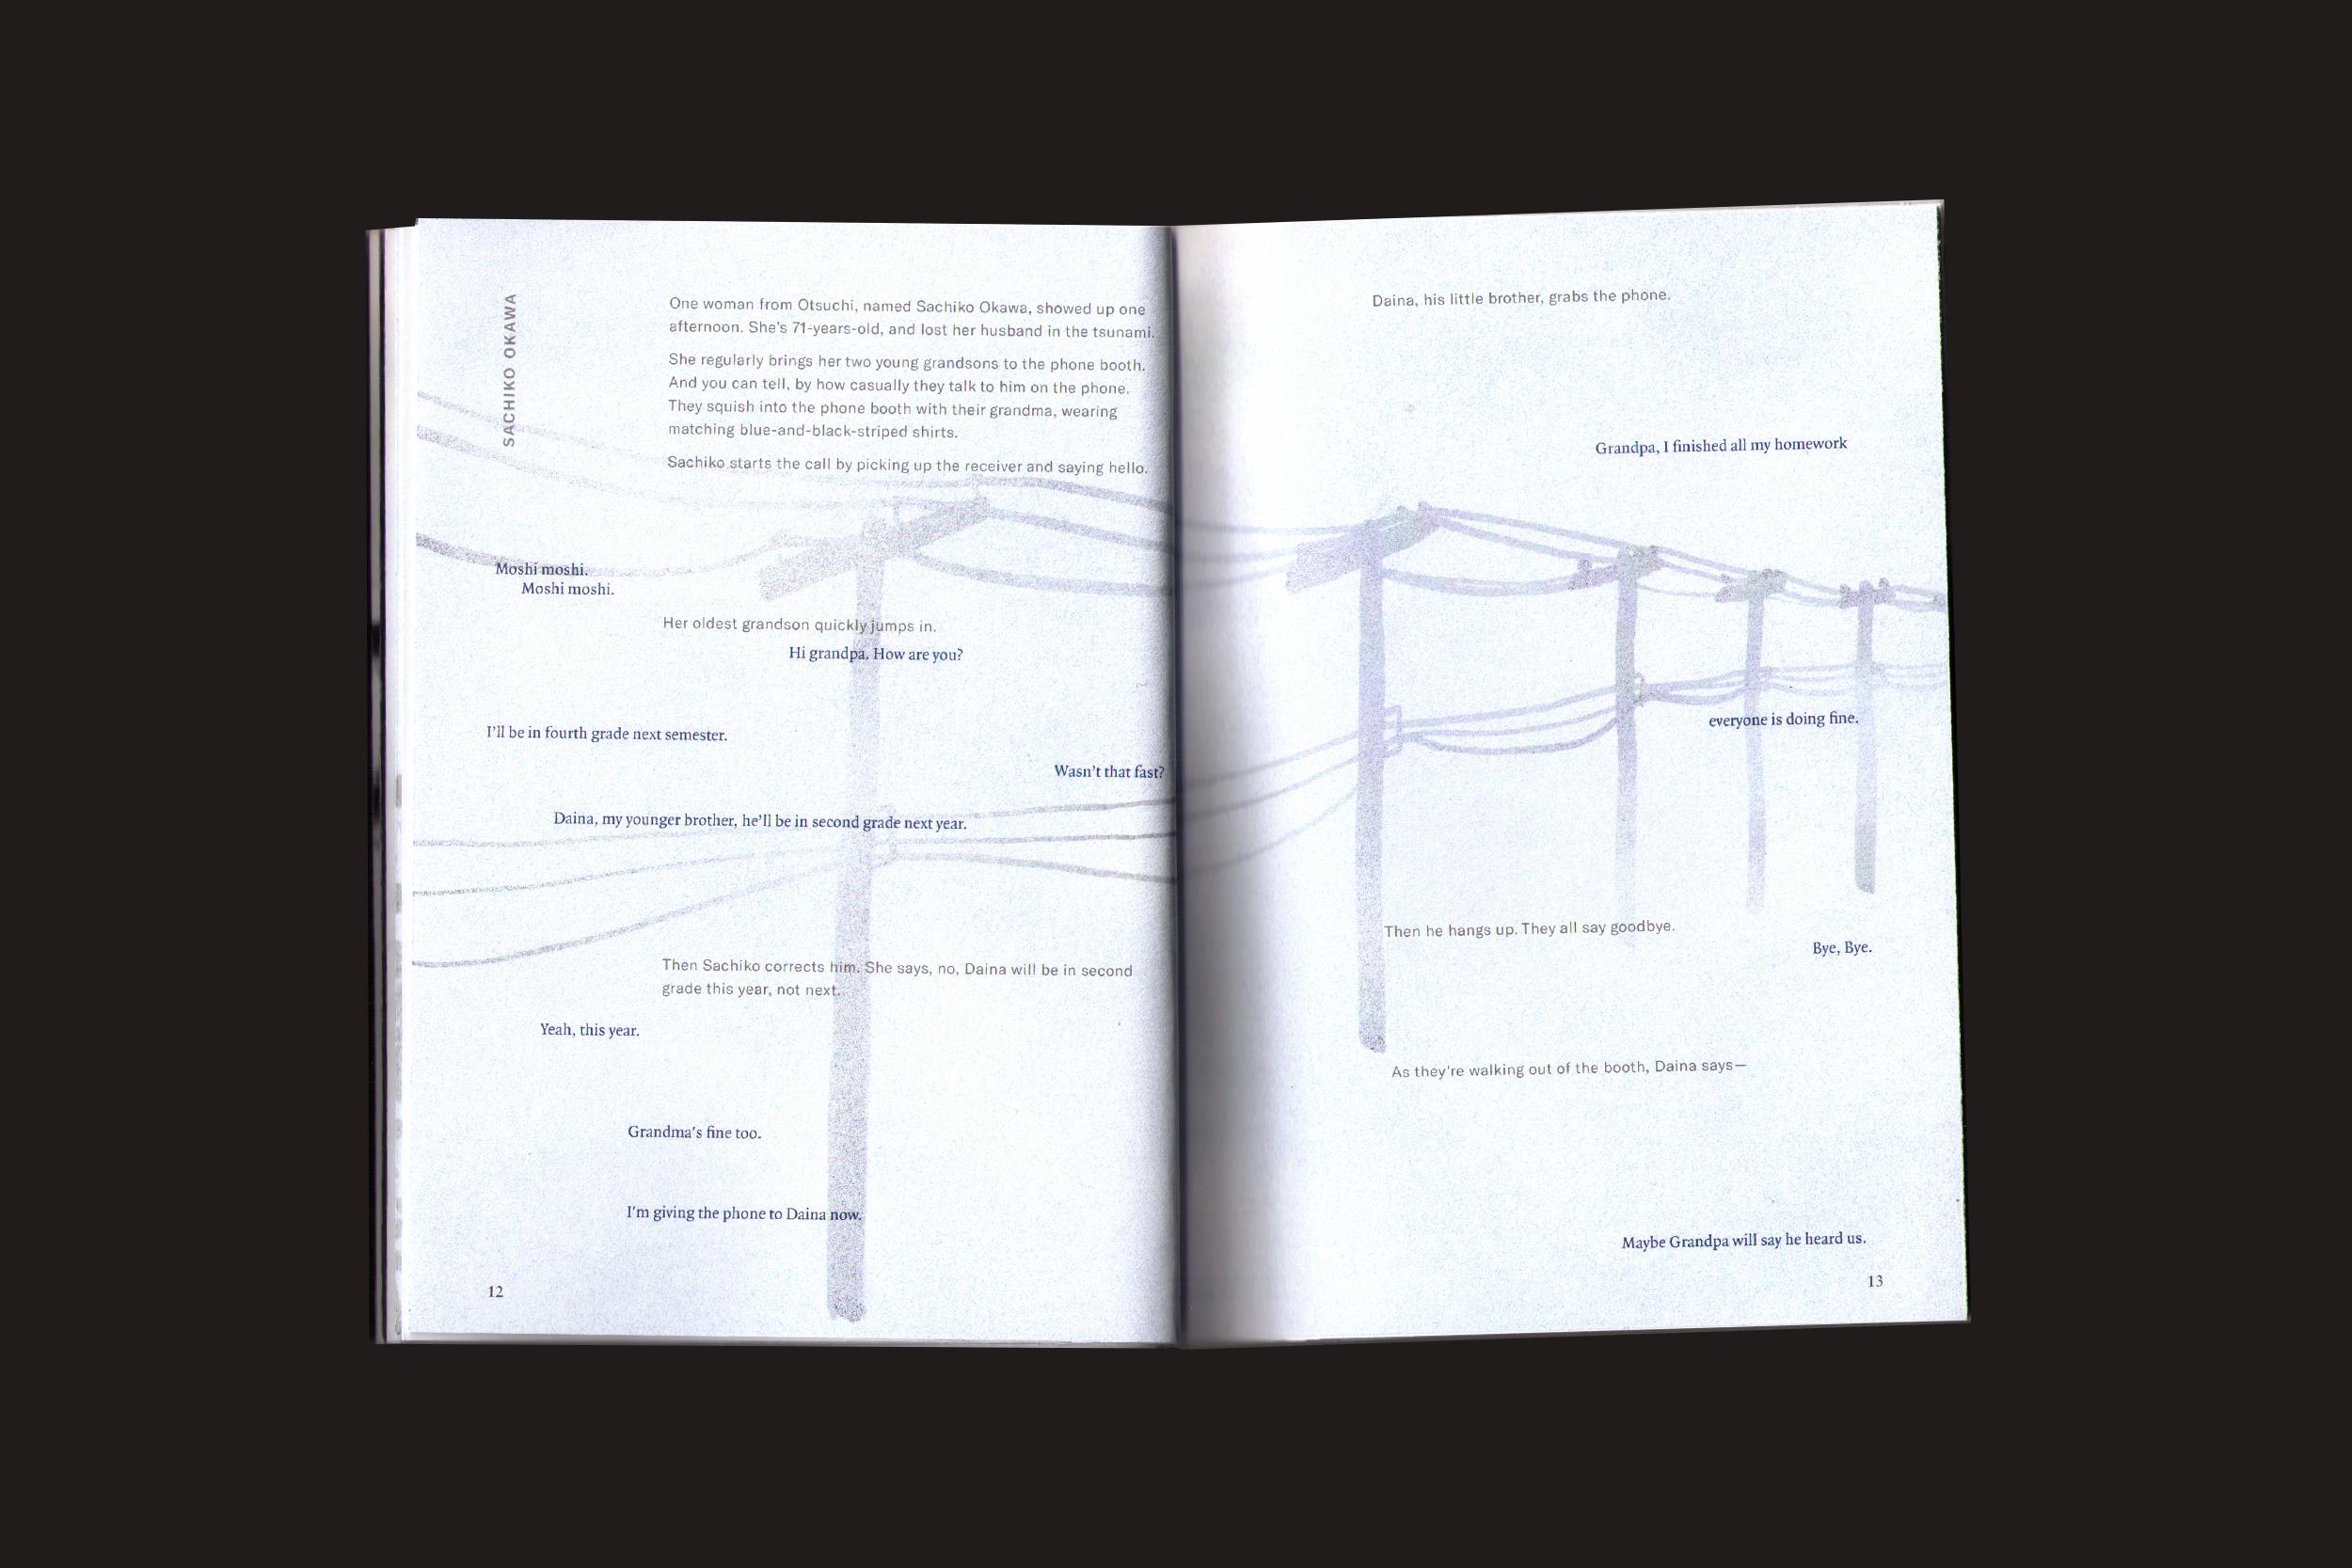 Phone_Book10.jpg